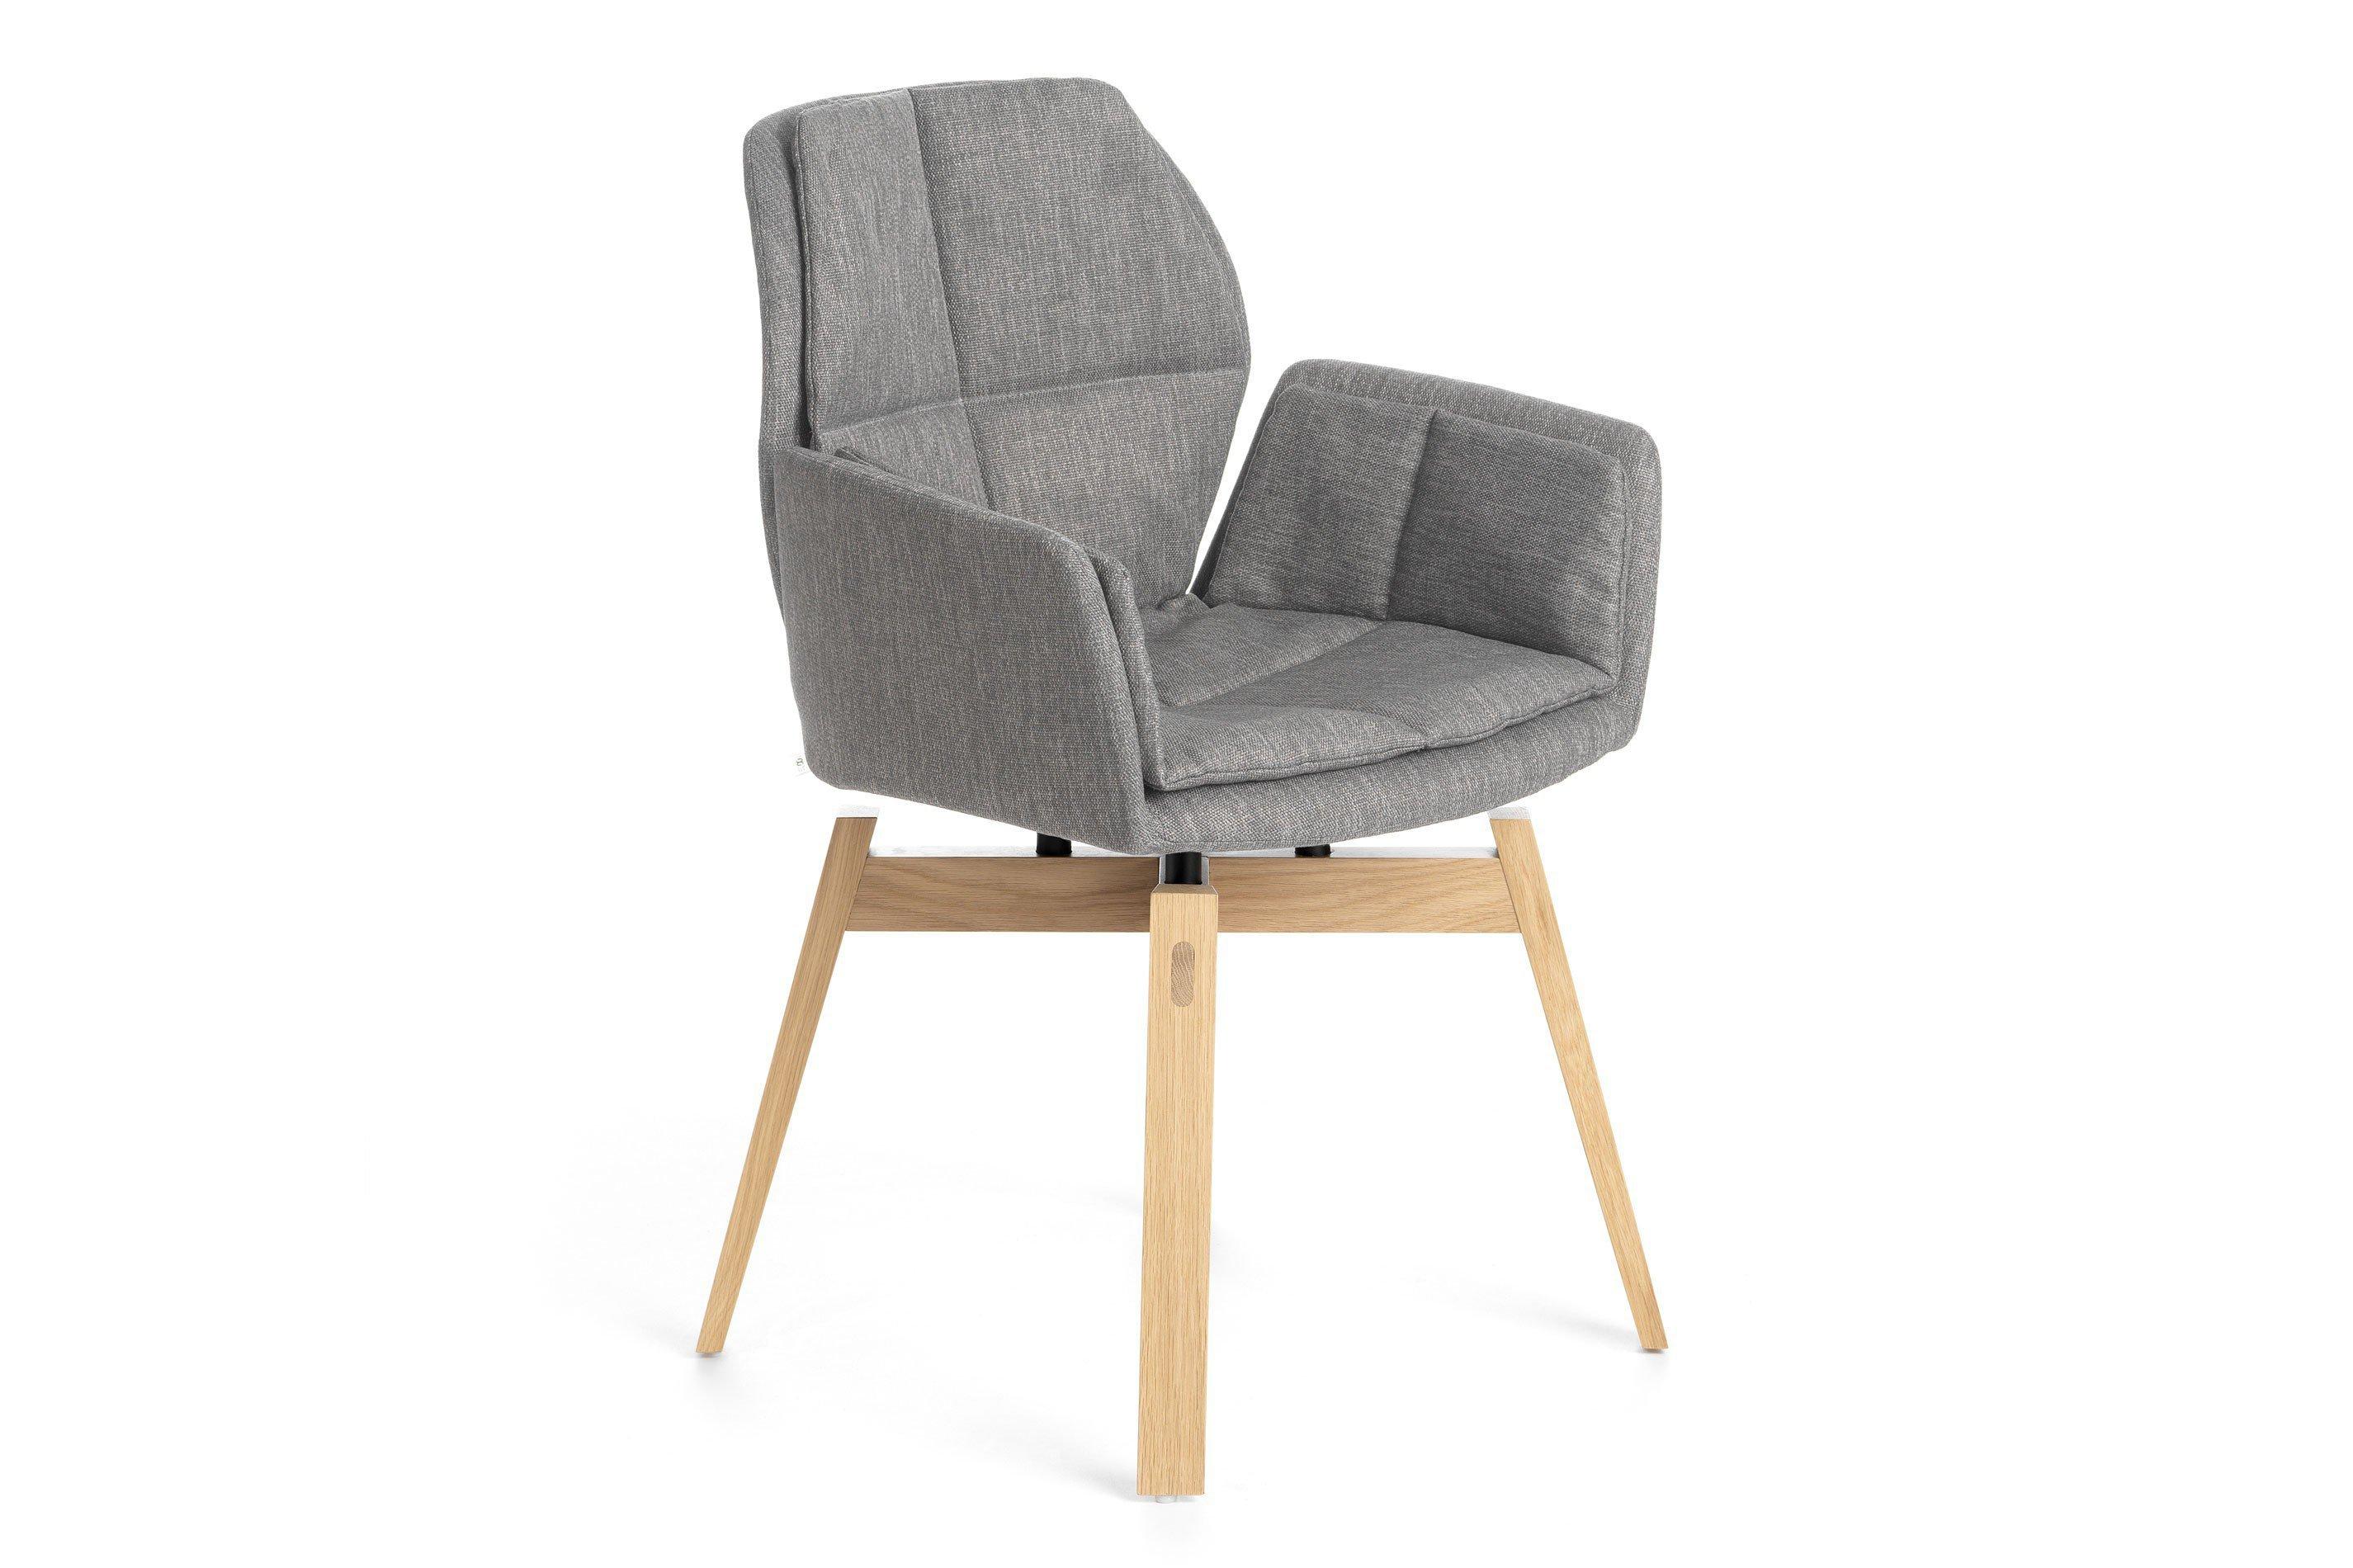 mobitec stuhl mood 96 uni eiche grey m bel letz ihr online shop. Black Bedroom Furniture Sets. Home Design Ideas